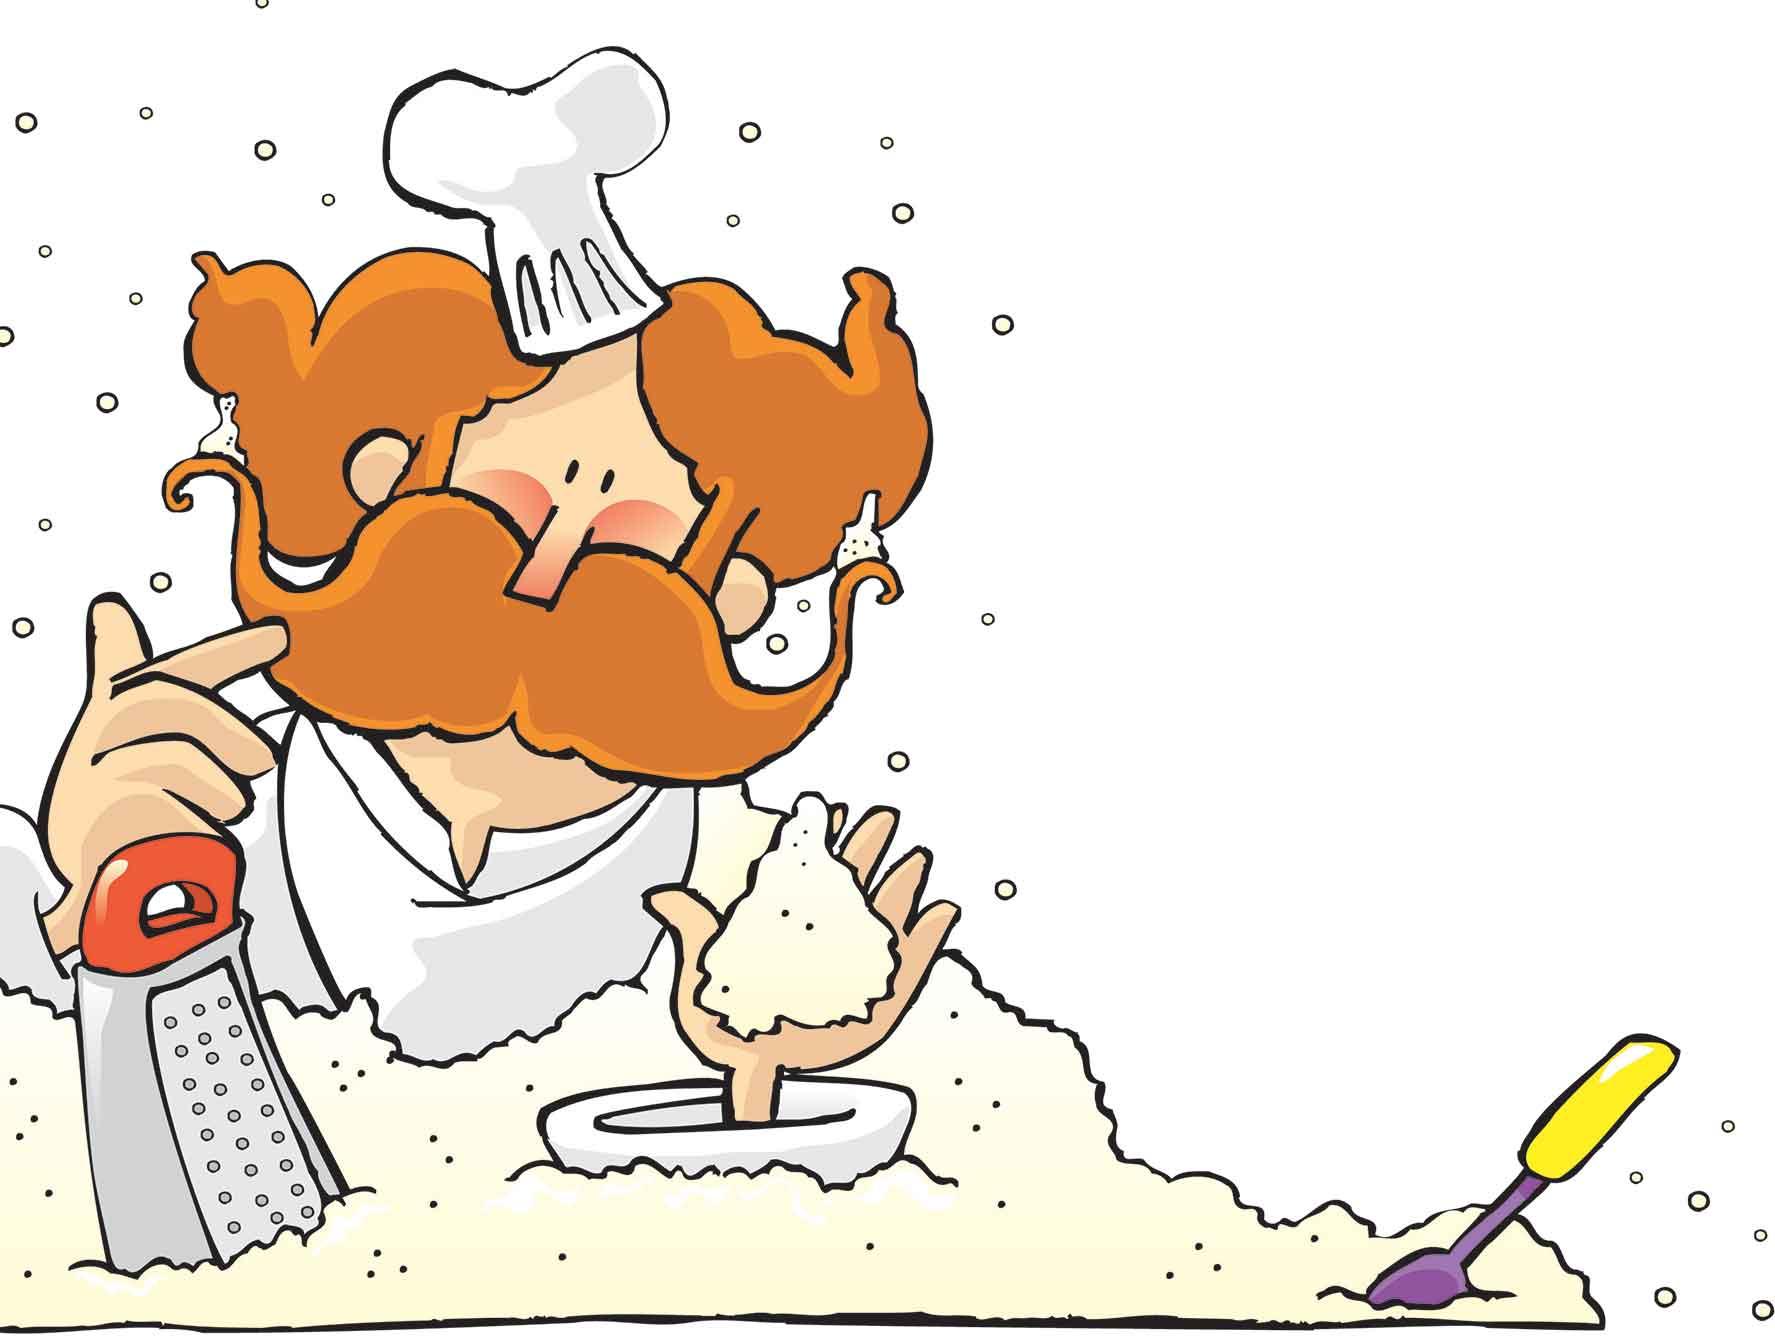 Quarzo-Vivarelli, Storie da mangiare, libro illustrato per bambini, Interlinea edizioni